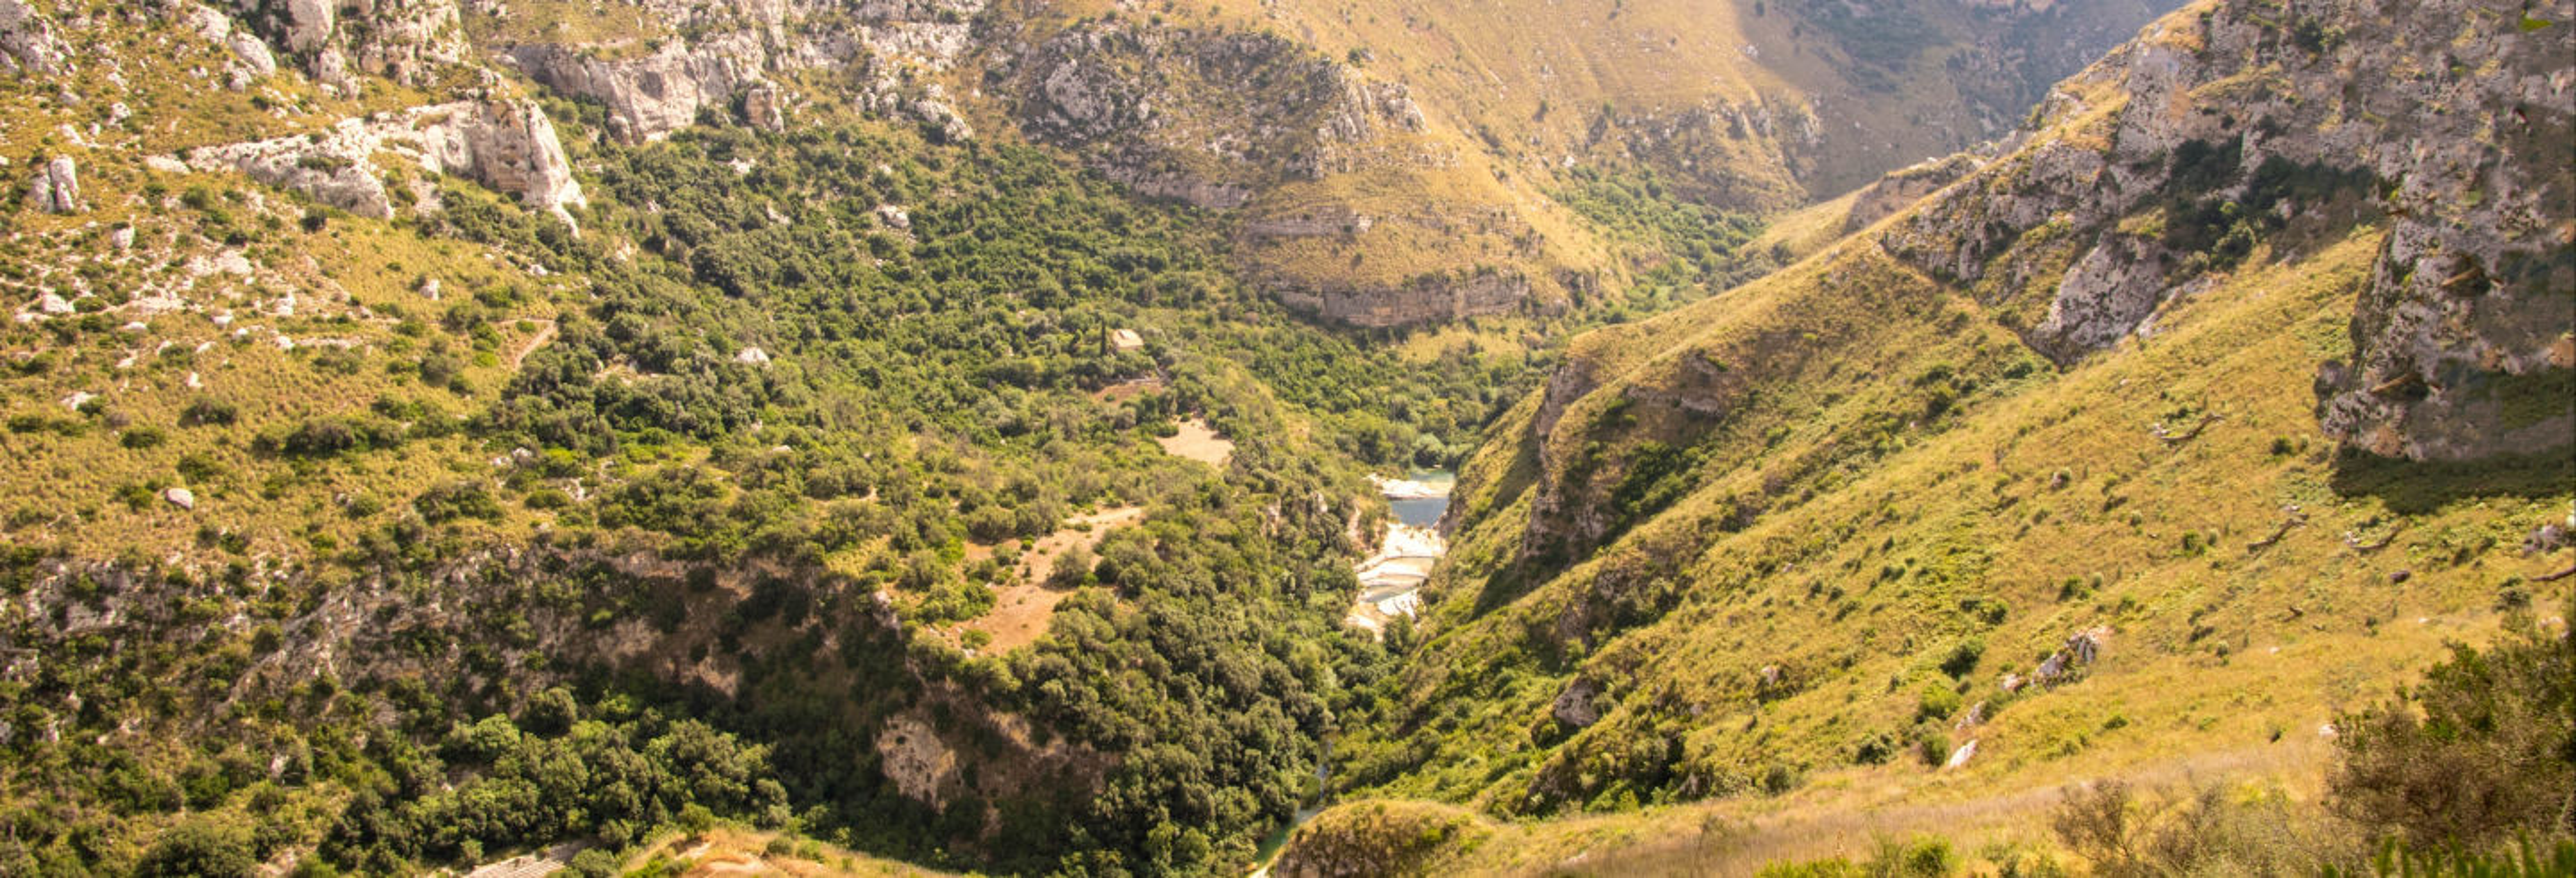 Trekking nella Riserva Cavagrande del Cassibile